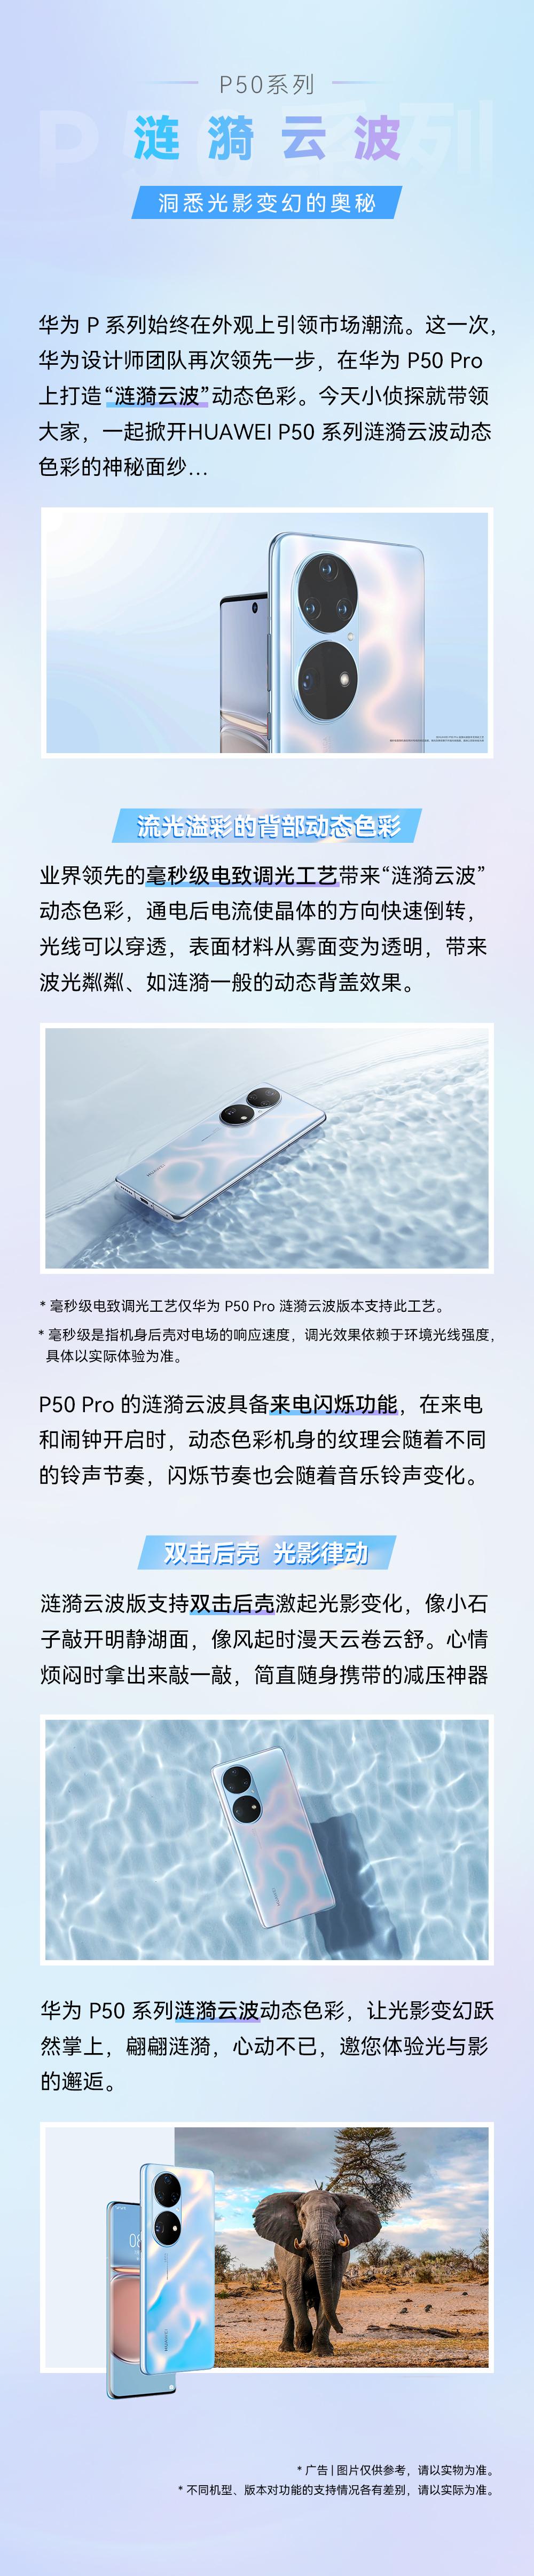 华为P50系列-涟漪云波长图-1.jpg